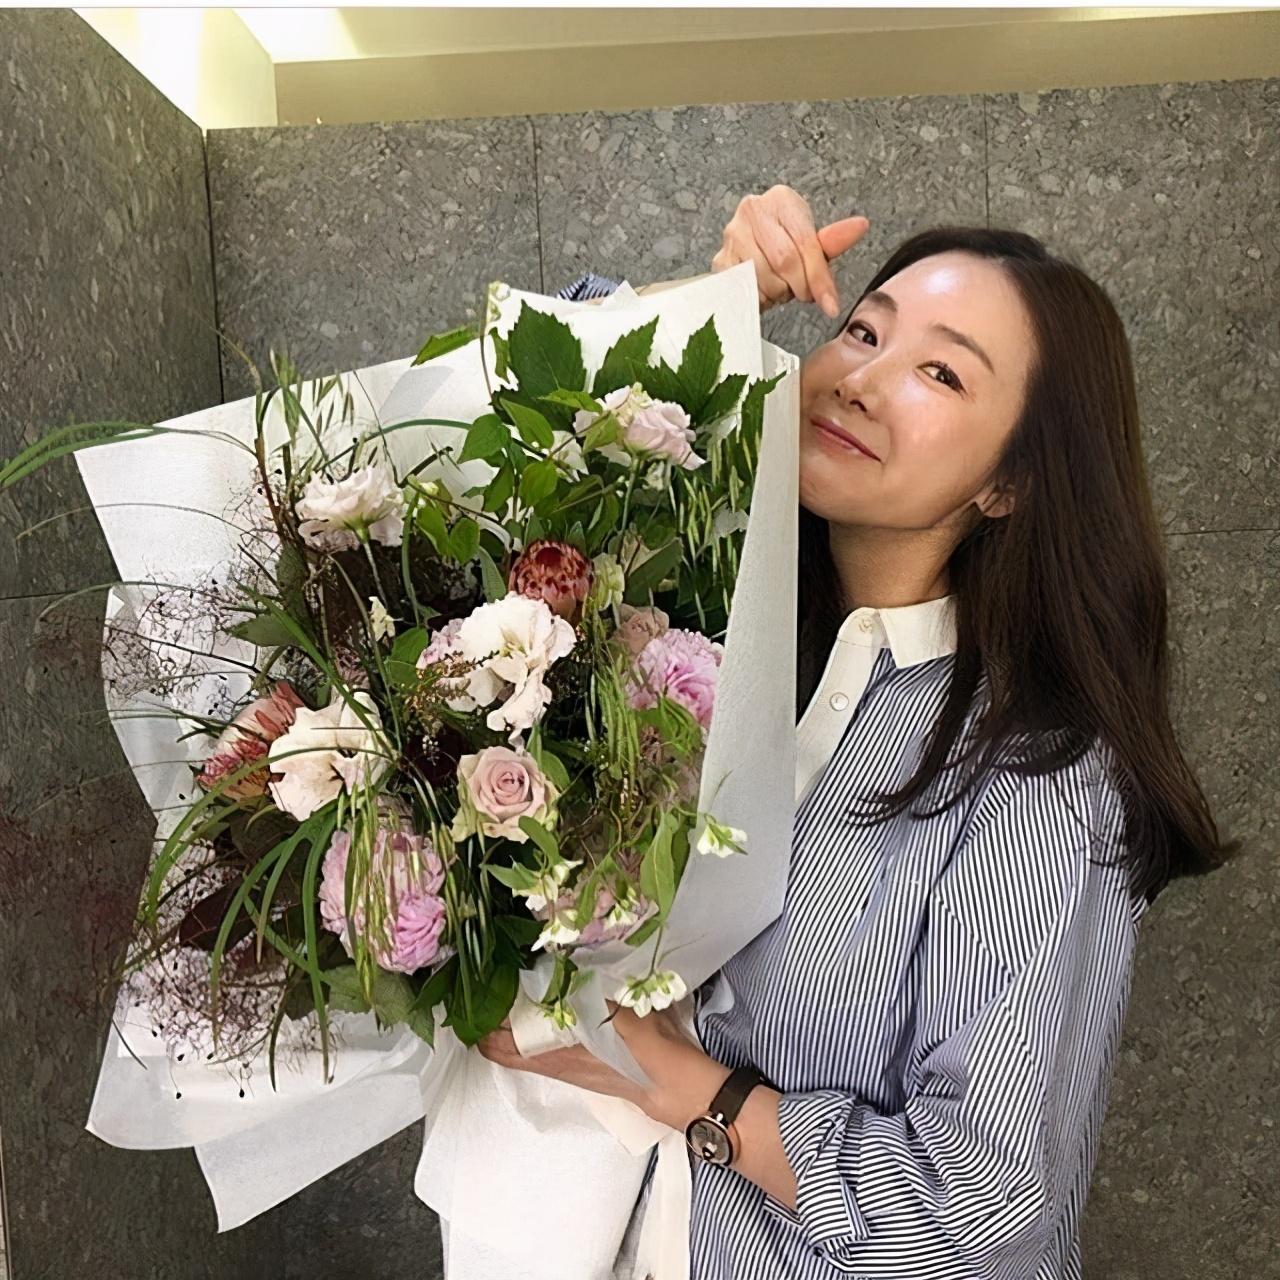 45歲崔智友產後首度露面,抱小嬰兒露慈愛笑容,五官略有變化